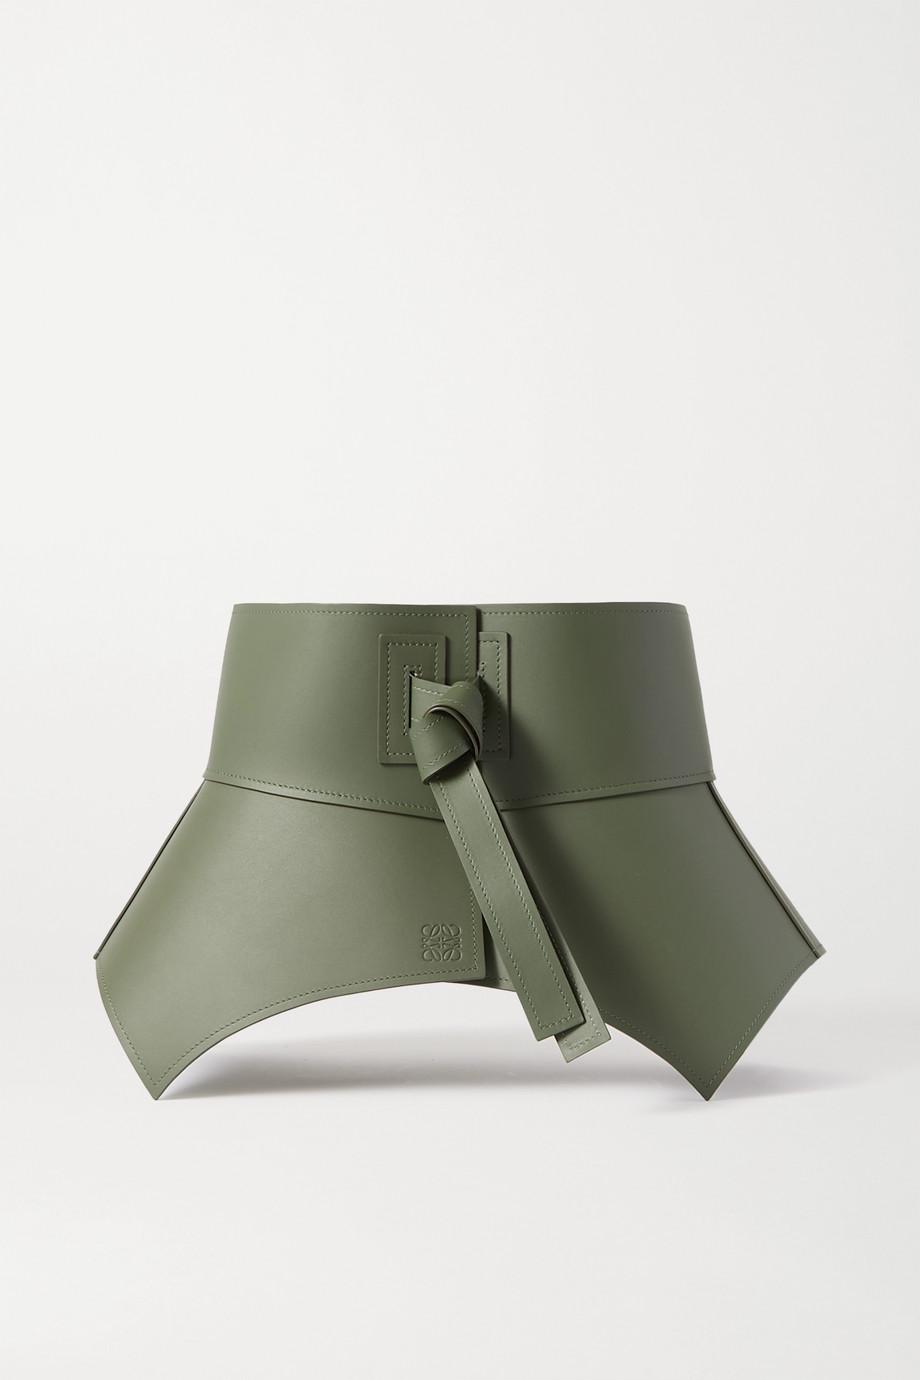 Loewe Obi Taillengürtel aus Leder